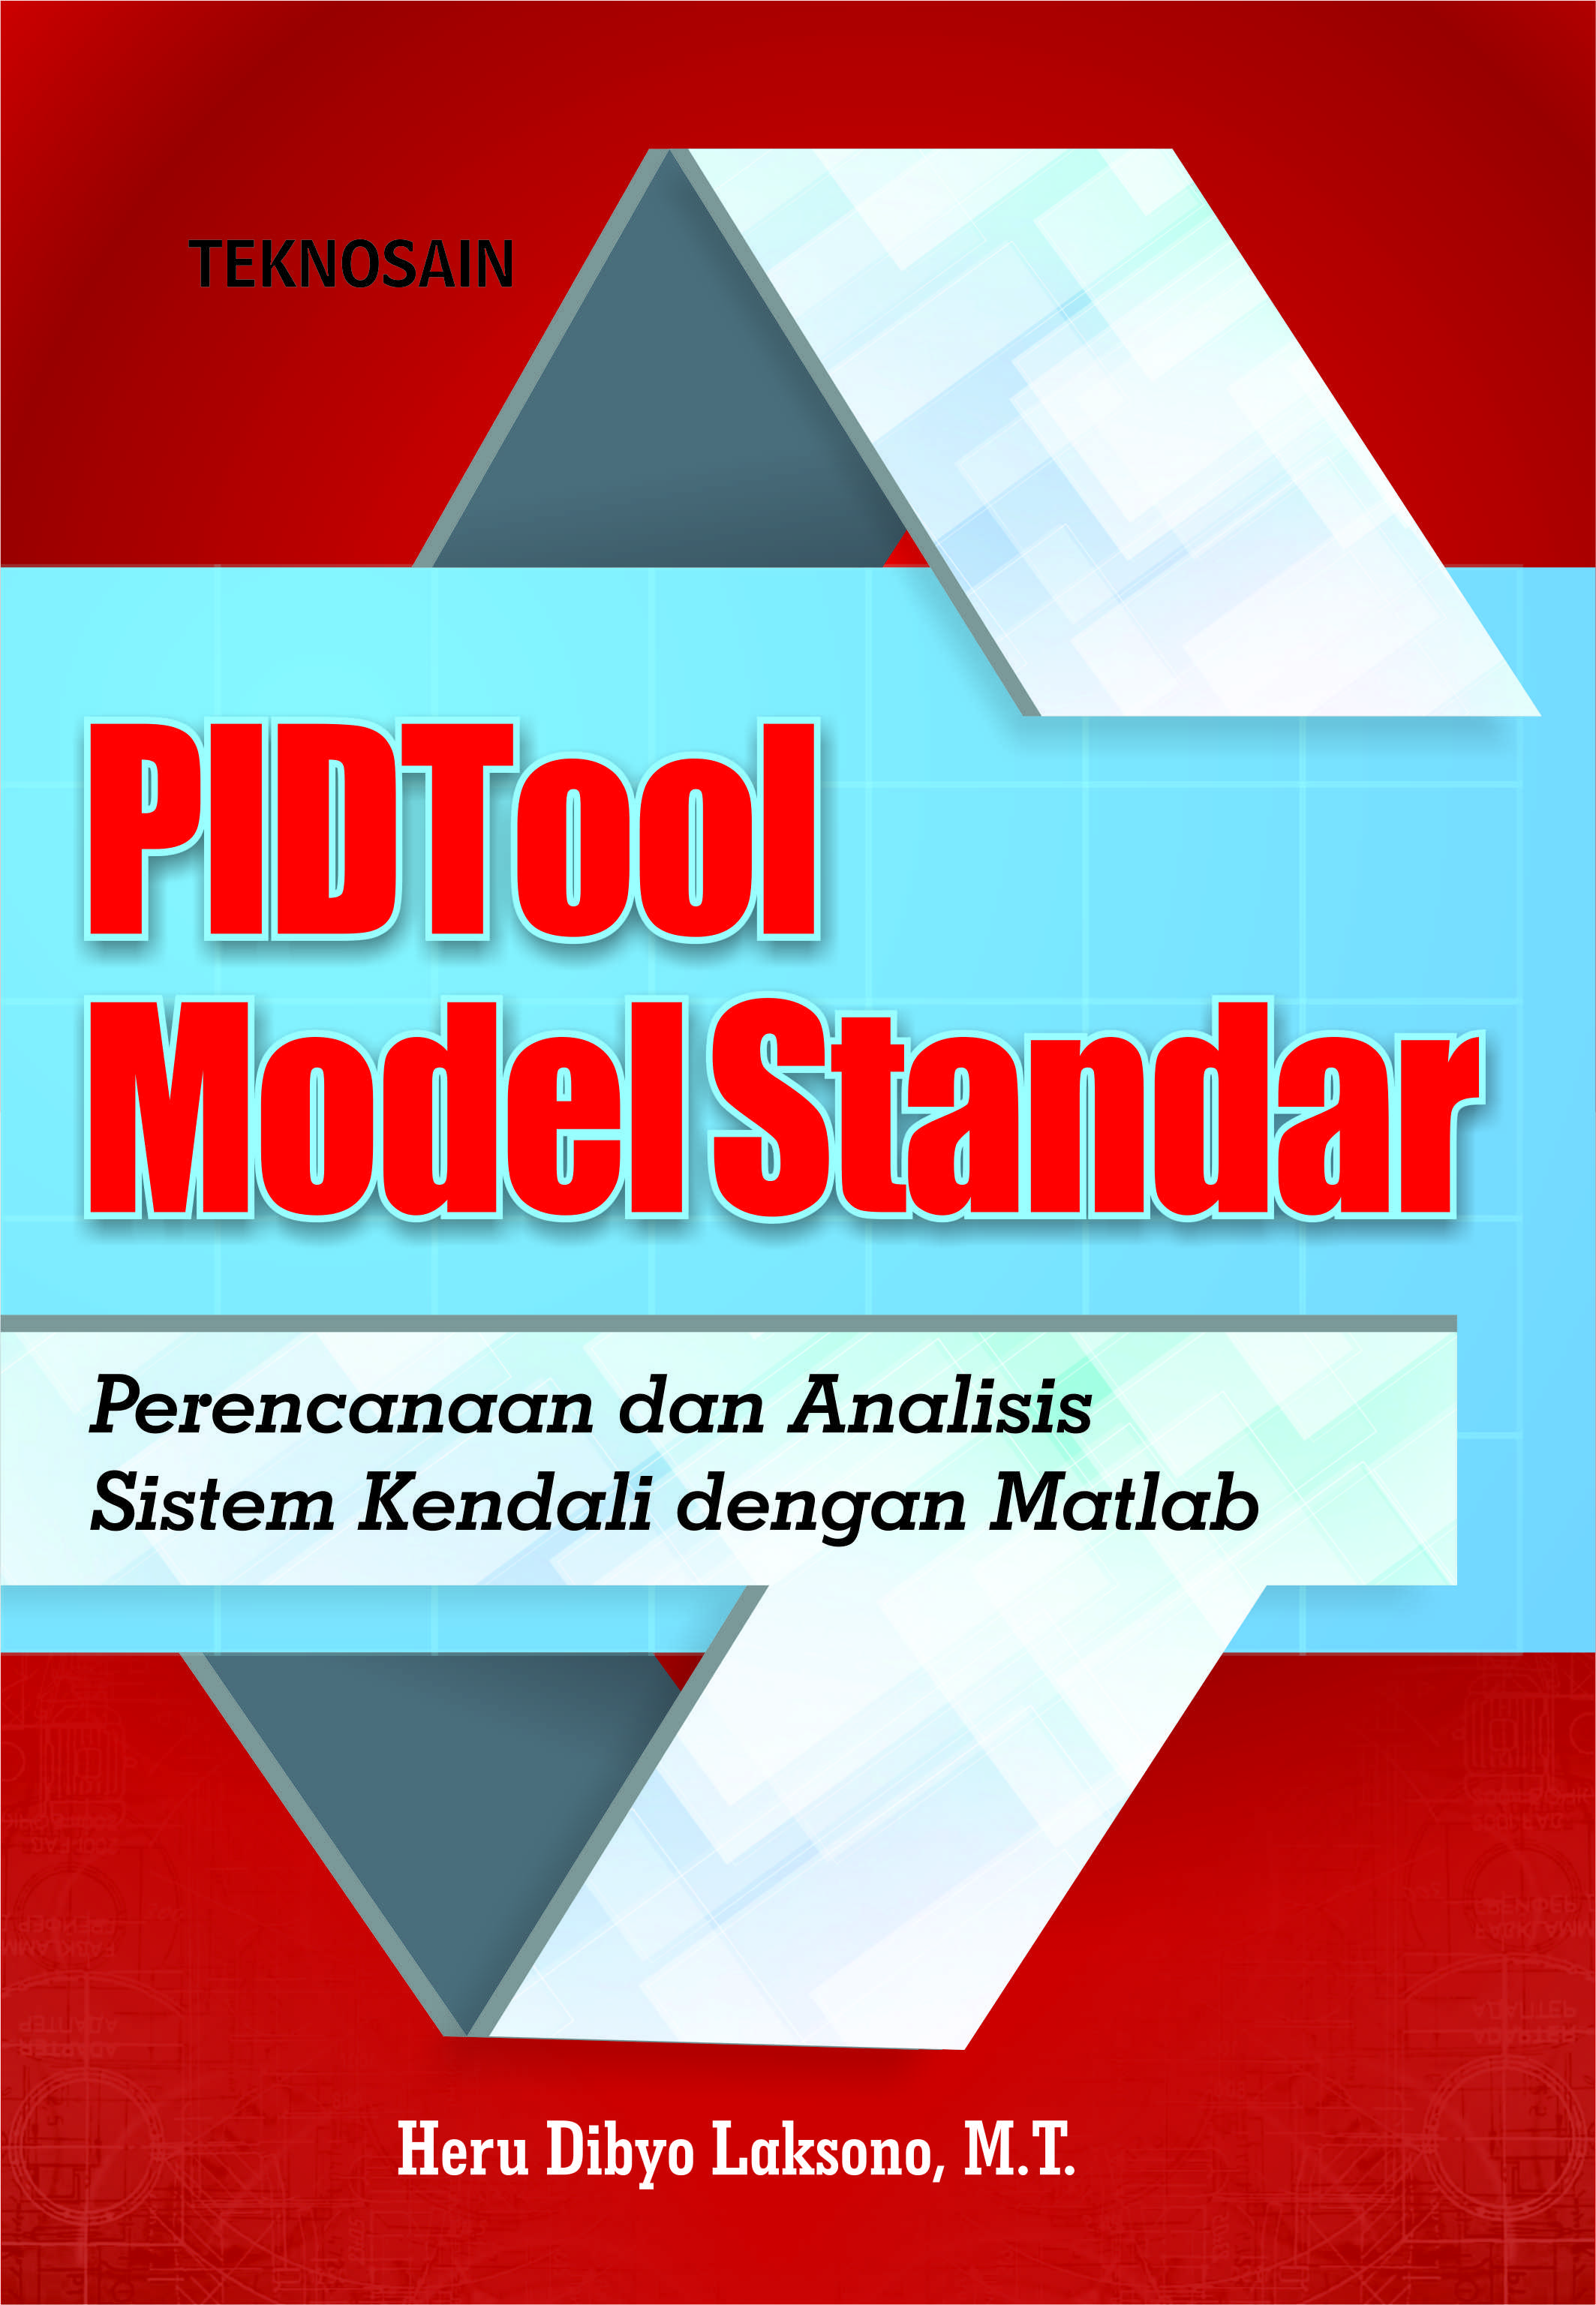 PIDTool model Standar: Perencanaan dan analisis sistem kendali dengan Matlab [sumber elektronis]